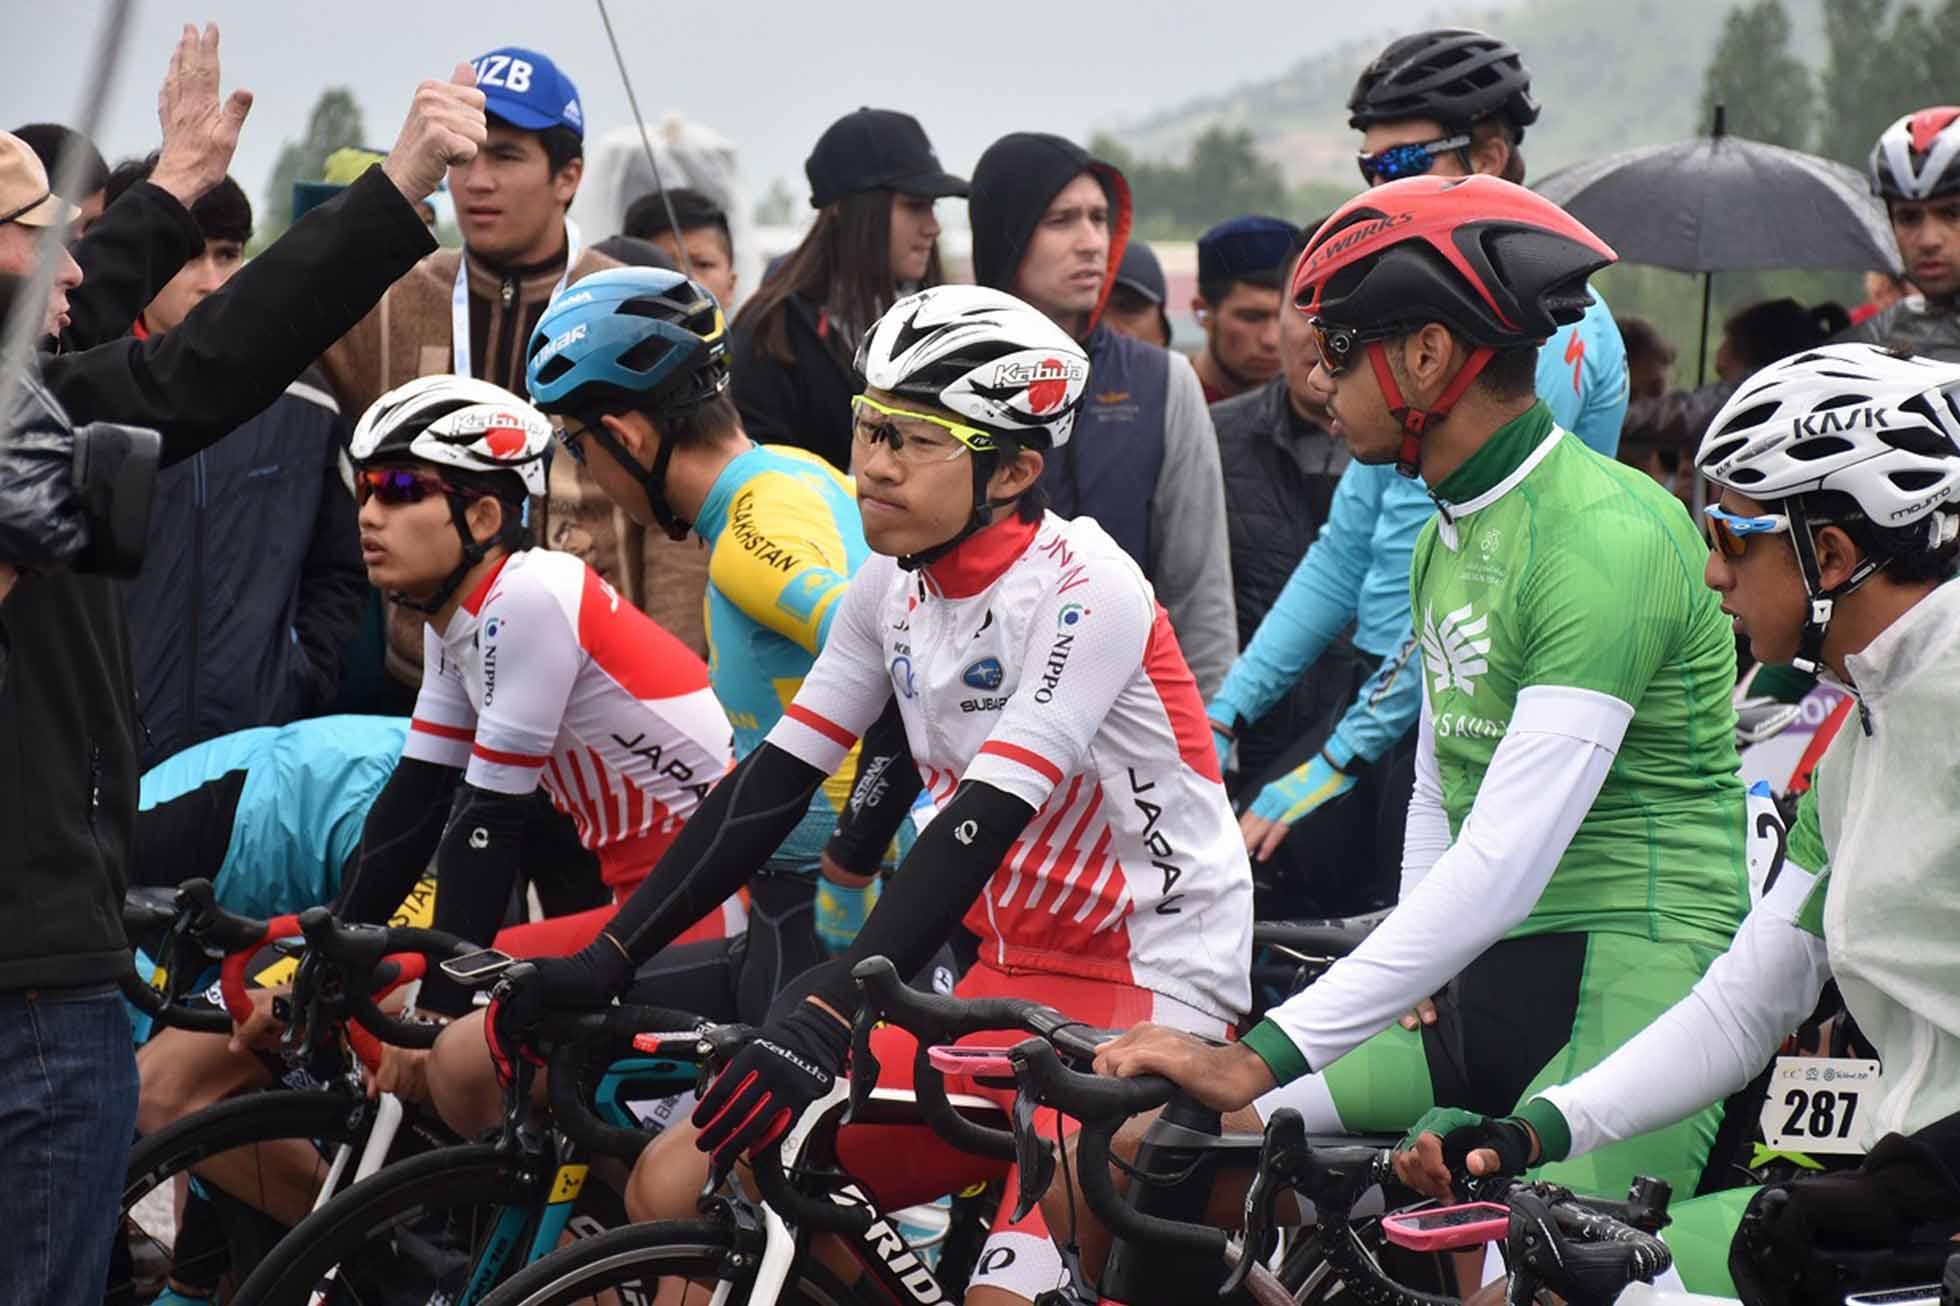 アジア選手権ロードレース 男子U23個人ロードレース